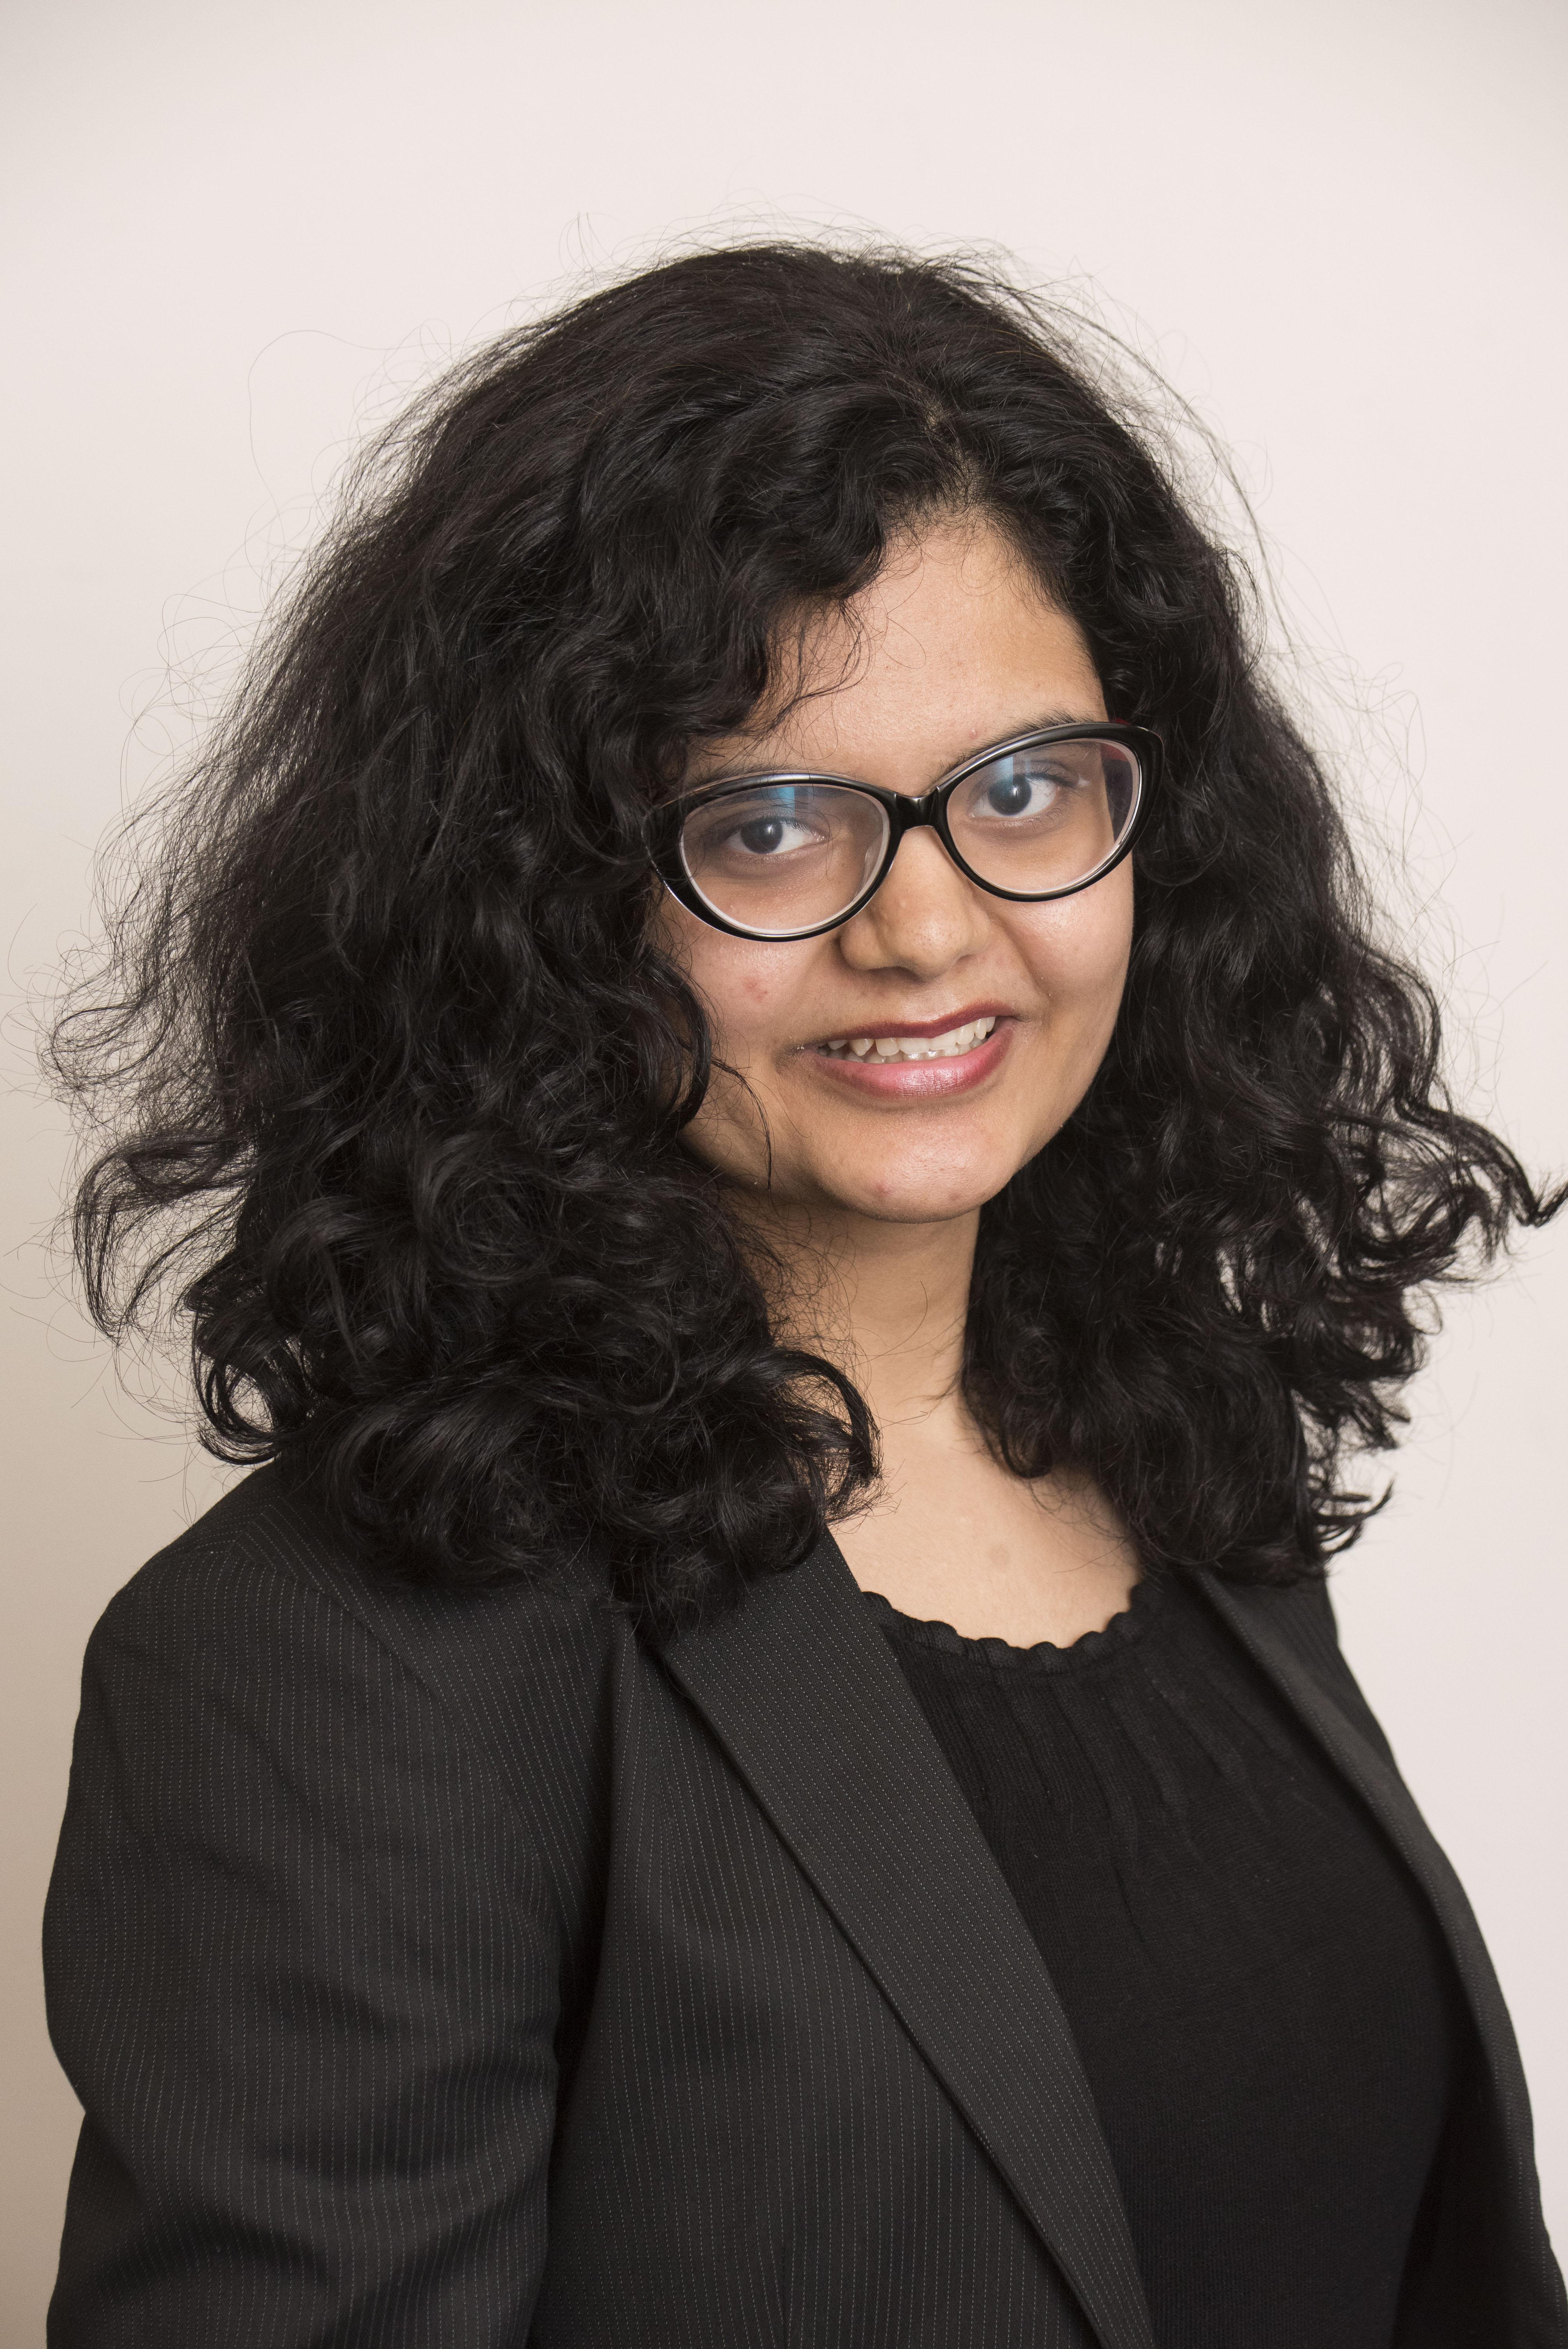 Headshot of Isha Chaturvedi